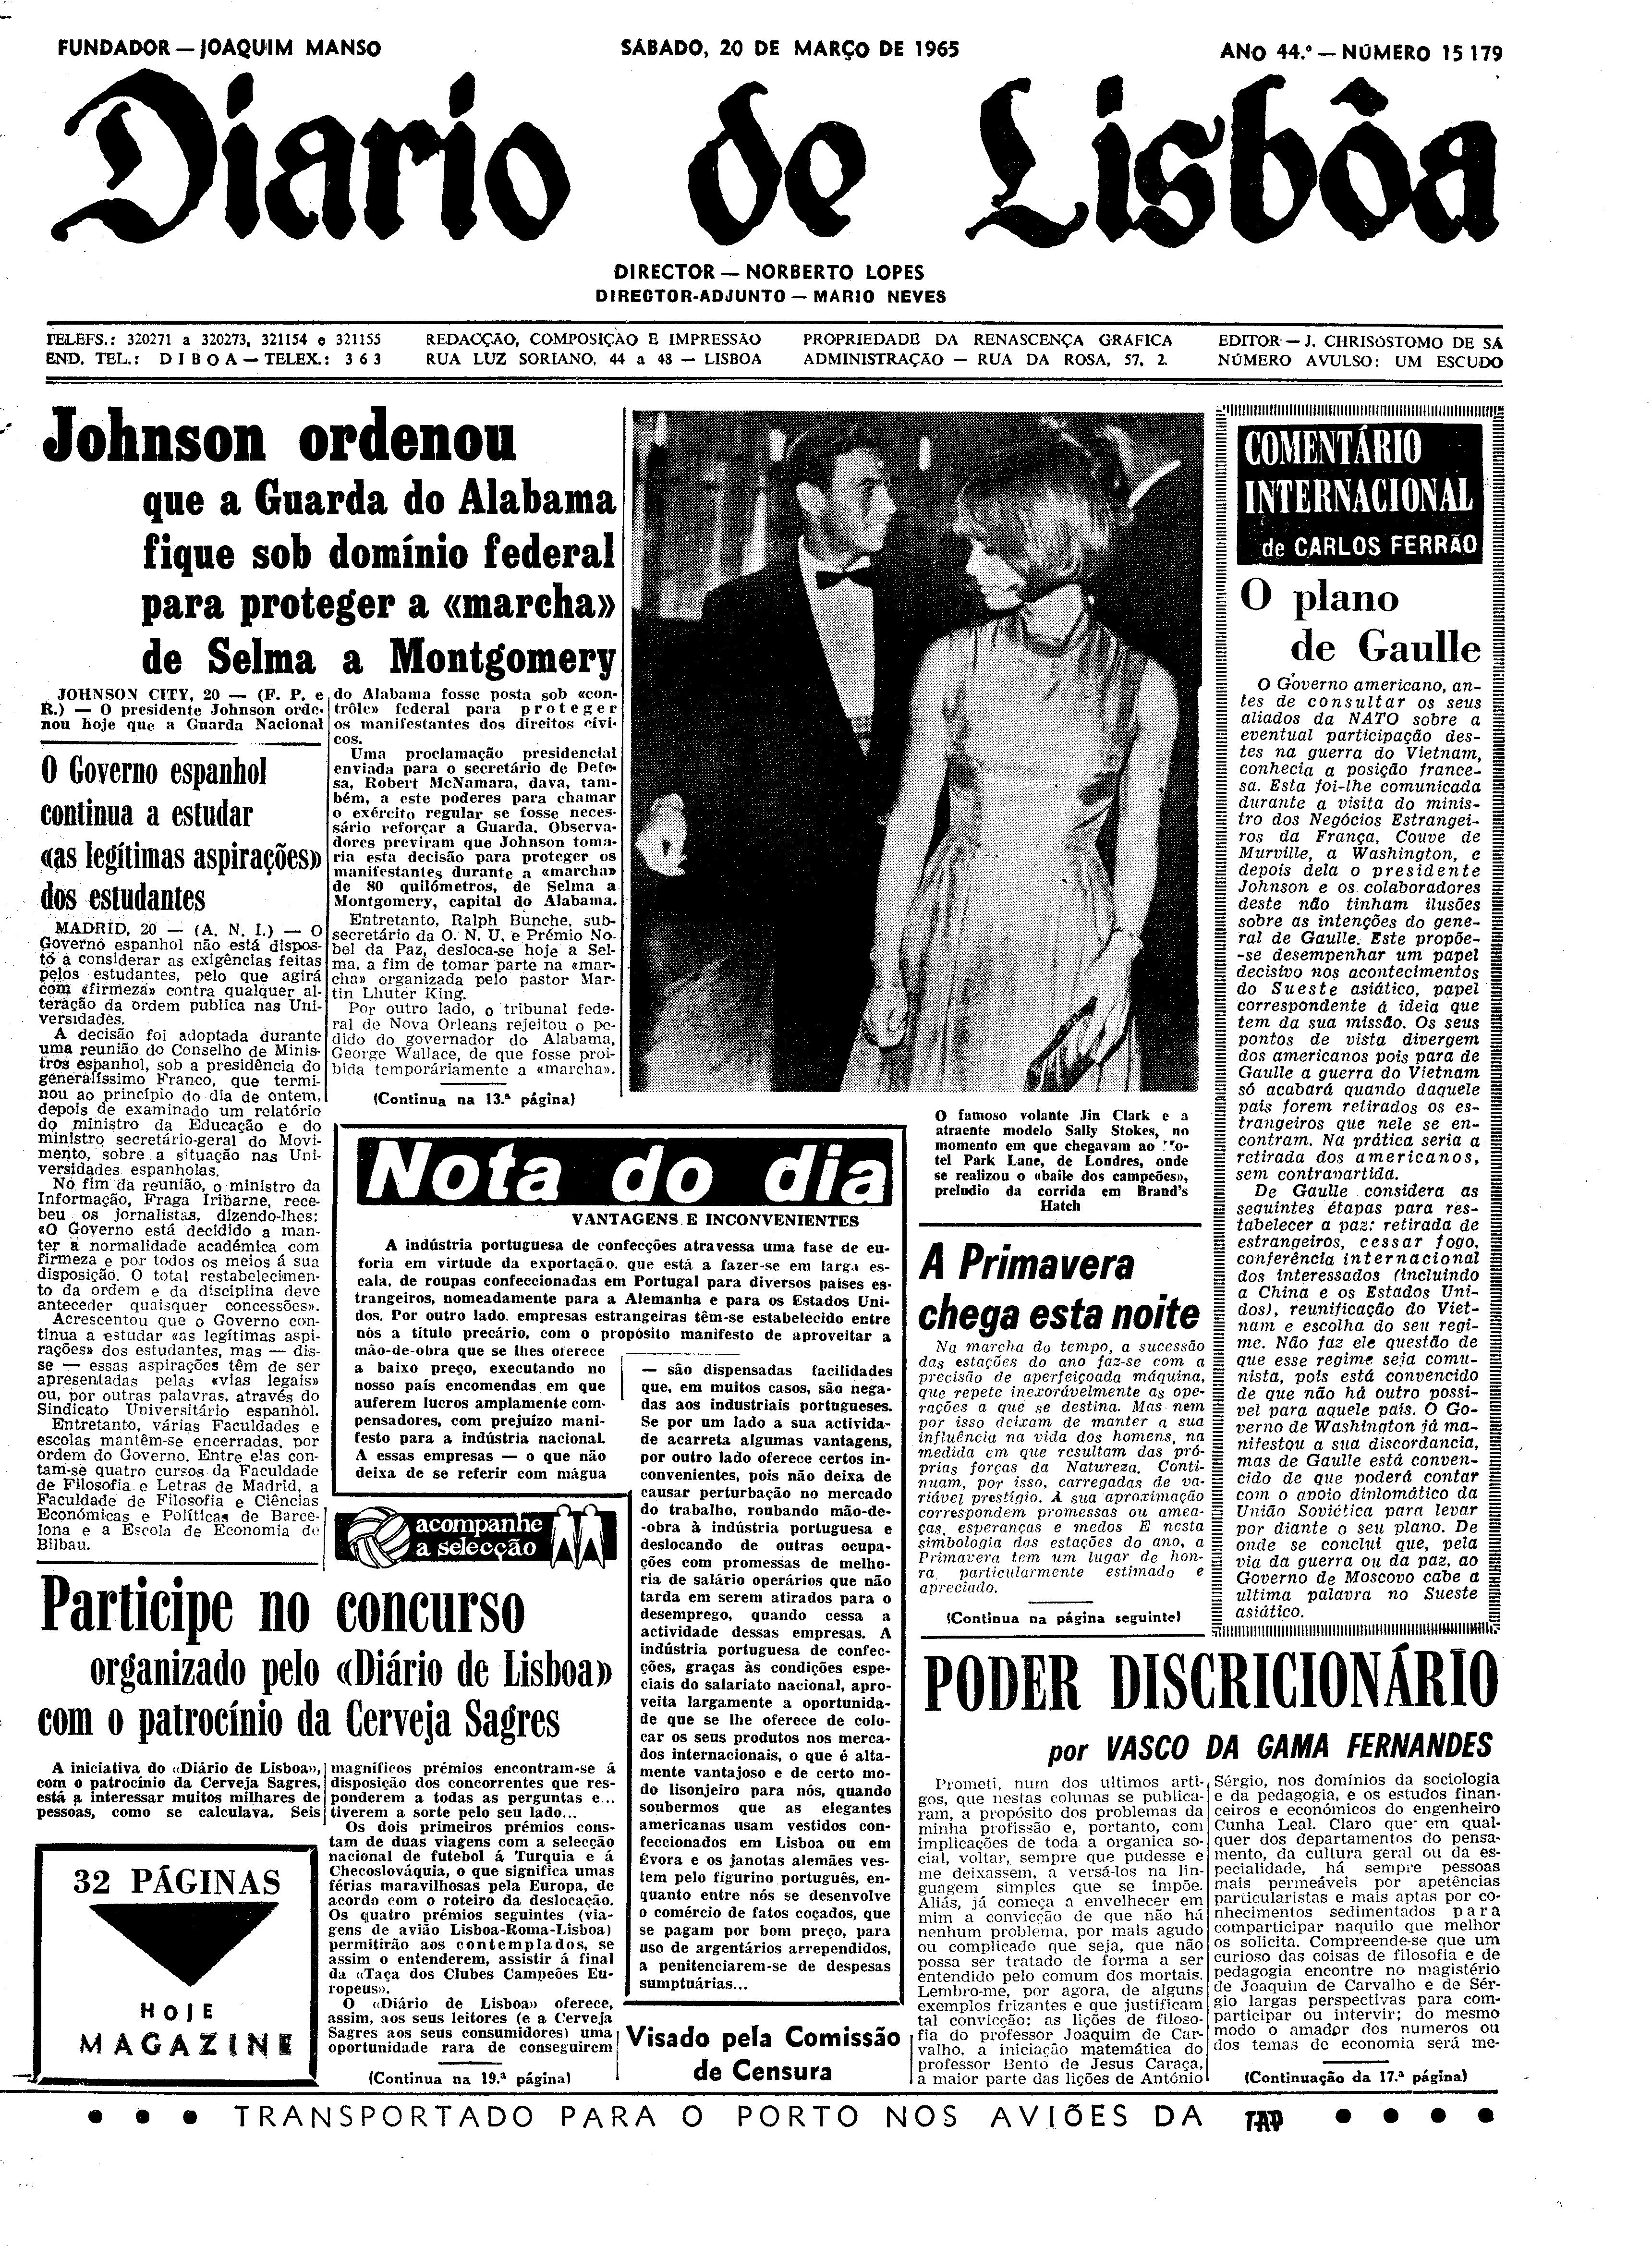 06558.096.19441- pag.1